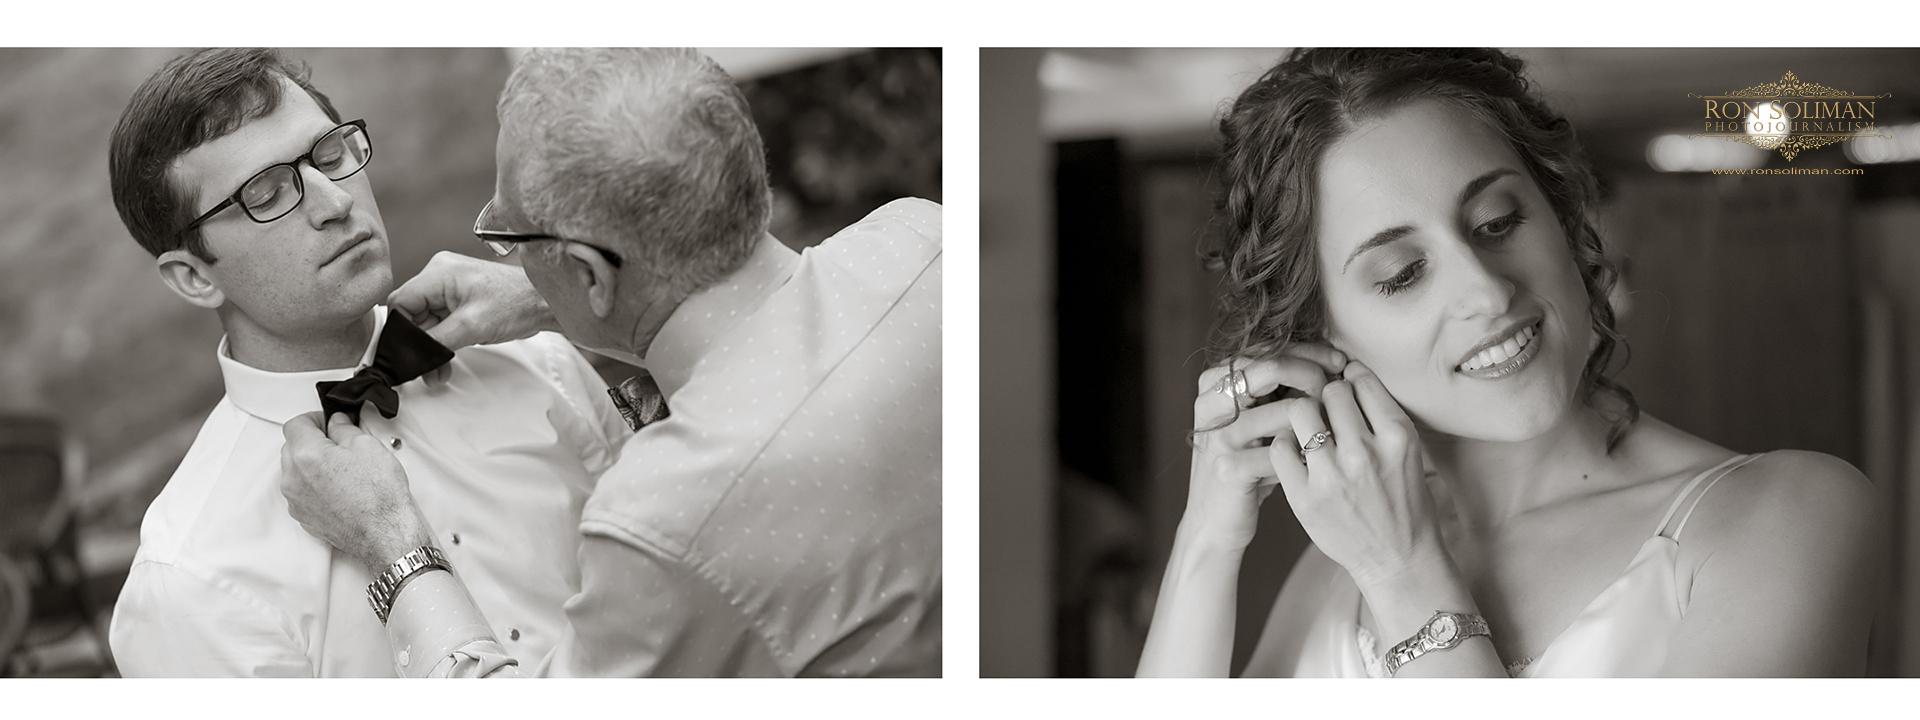 Bride and groom preparation photos